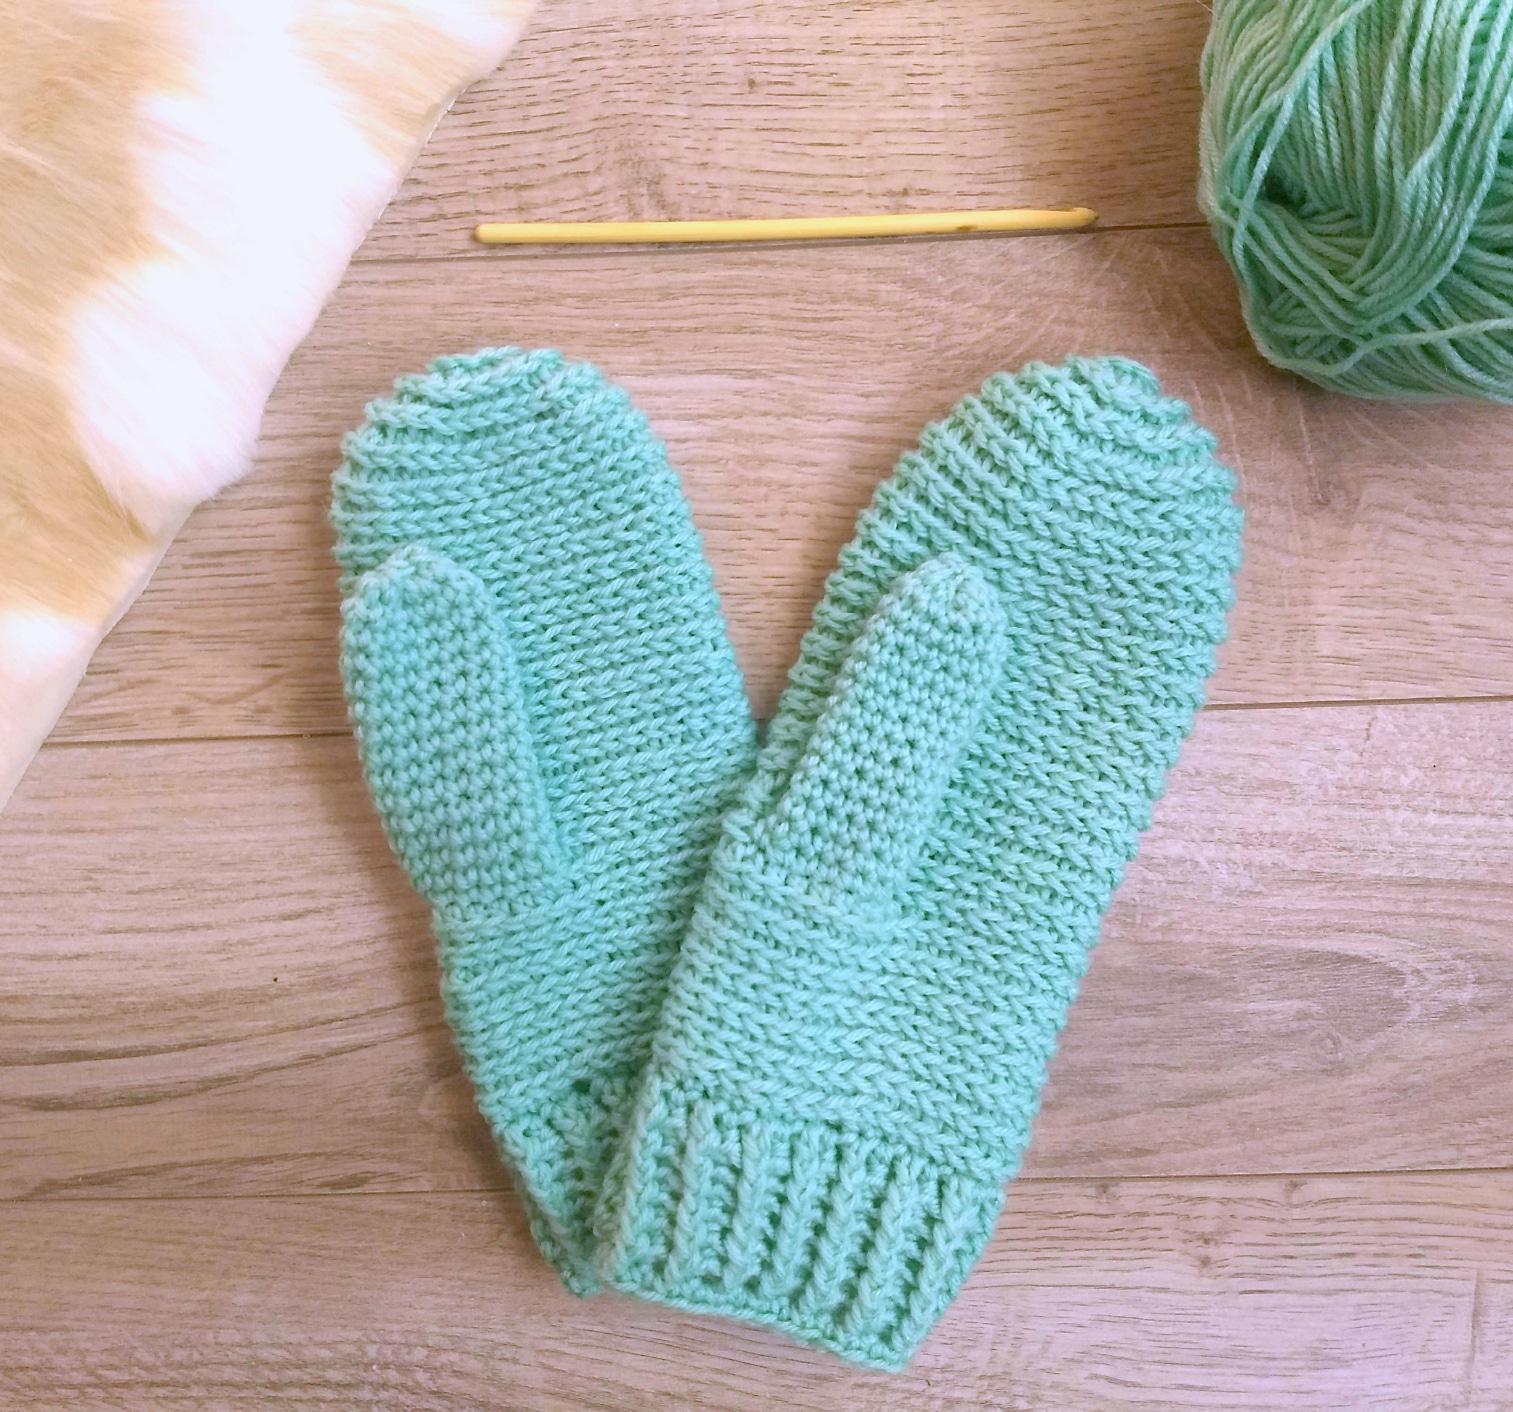 Sidewinder Crochet Mittens